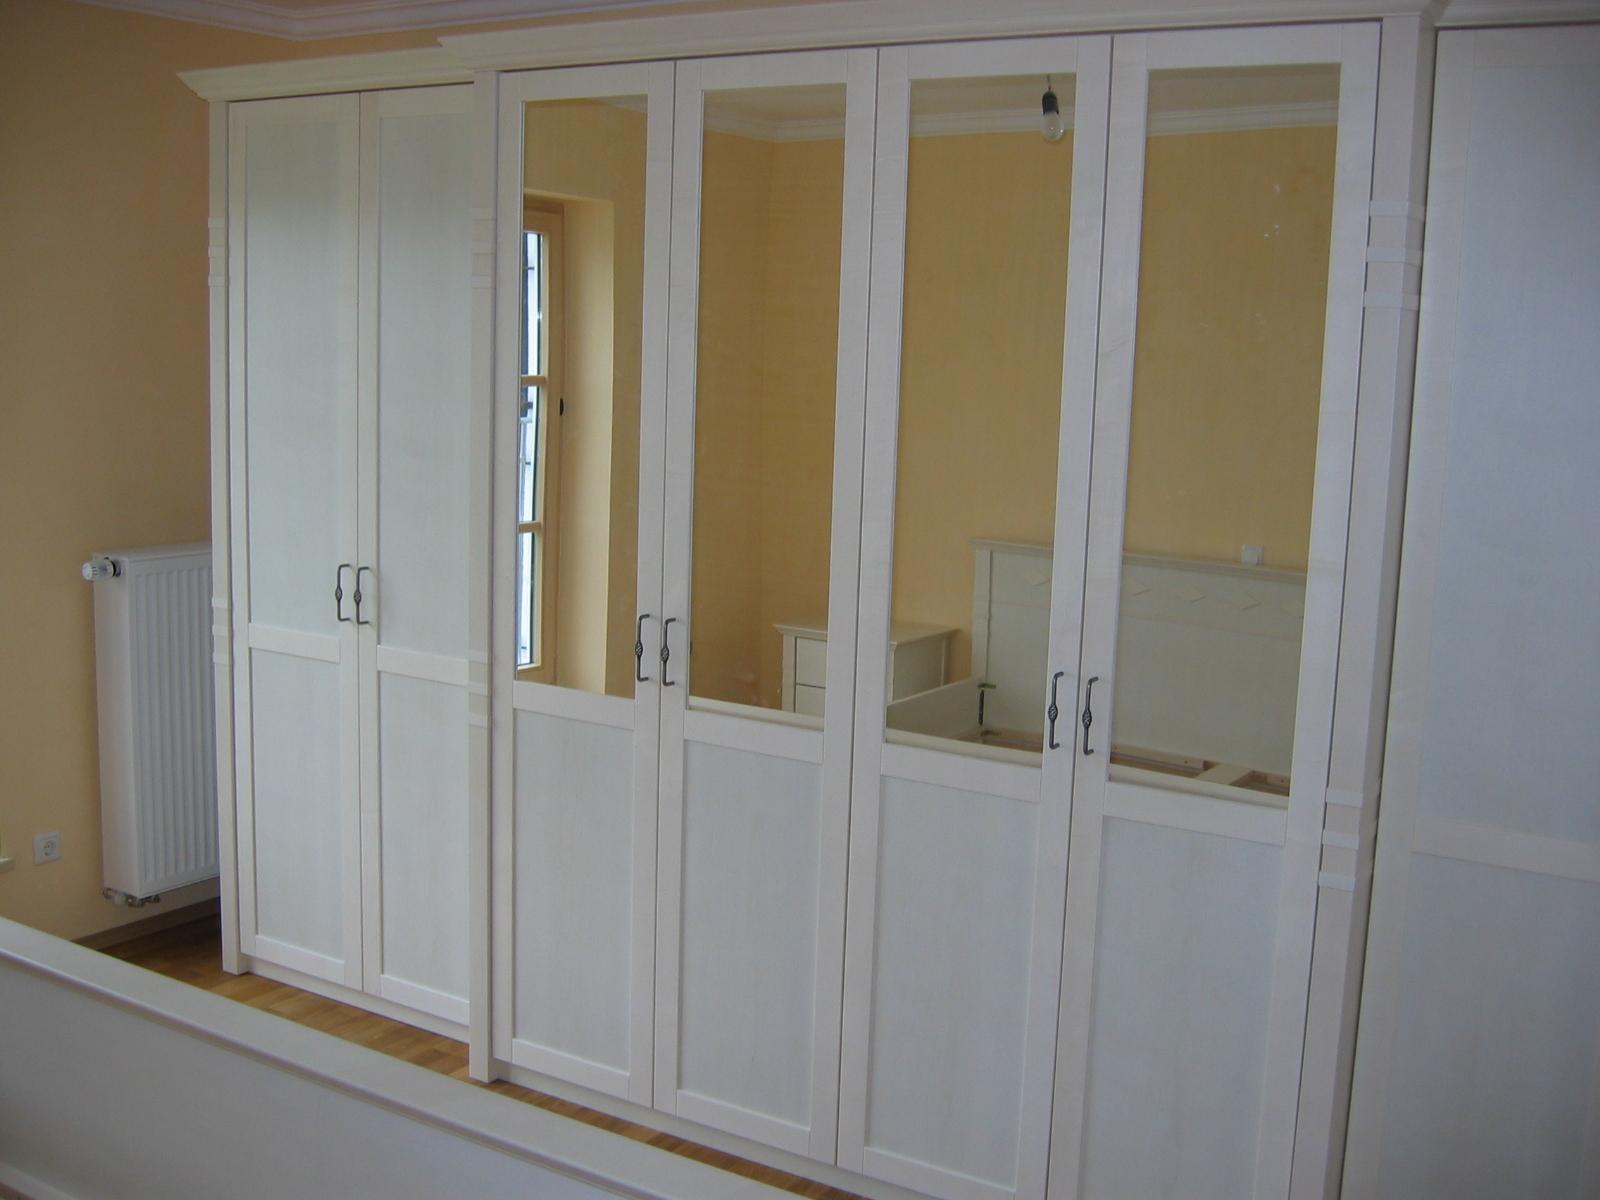 Schlafzimmerschrank mit Spiegelfronten